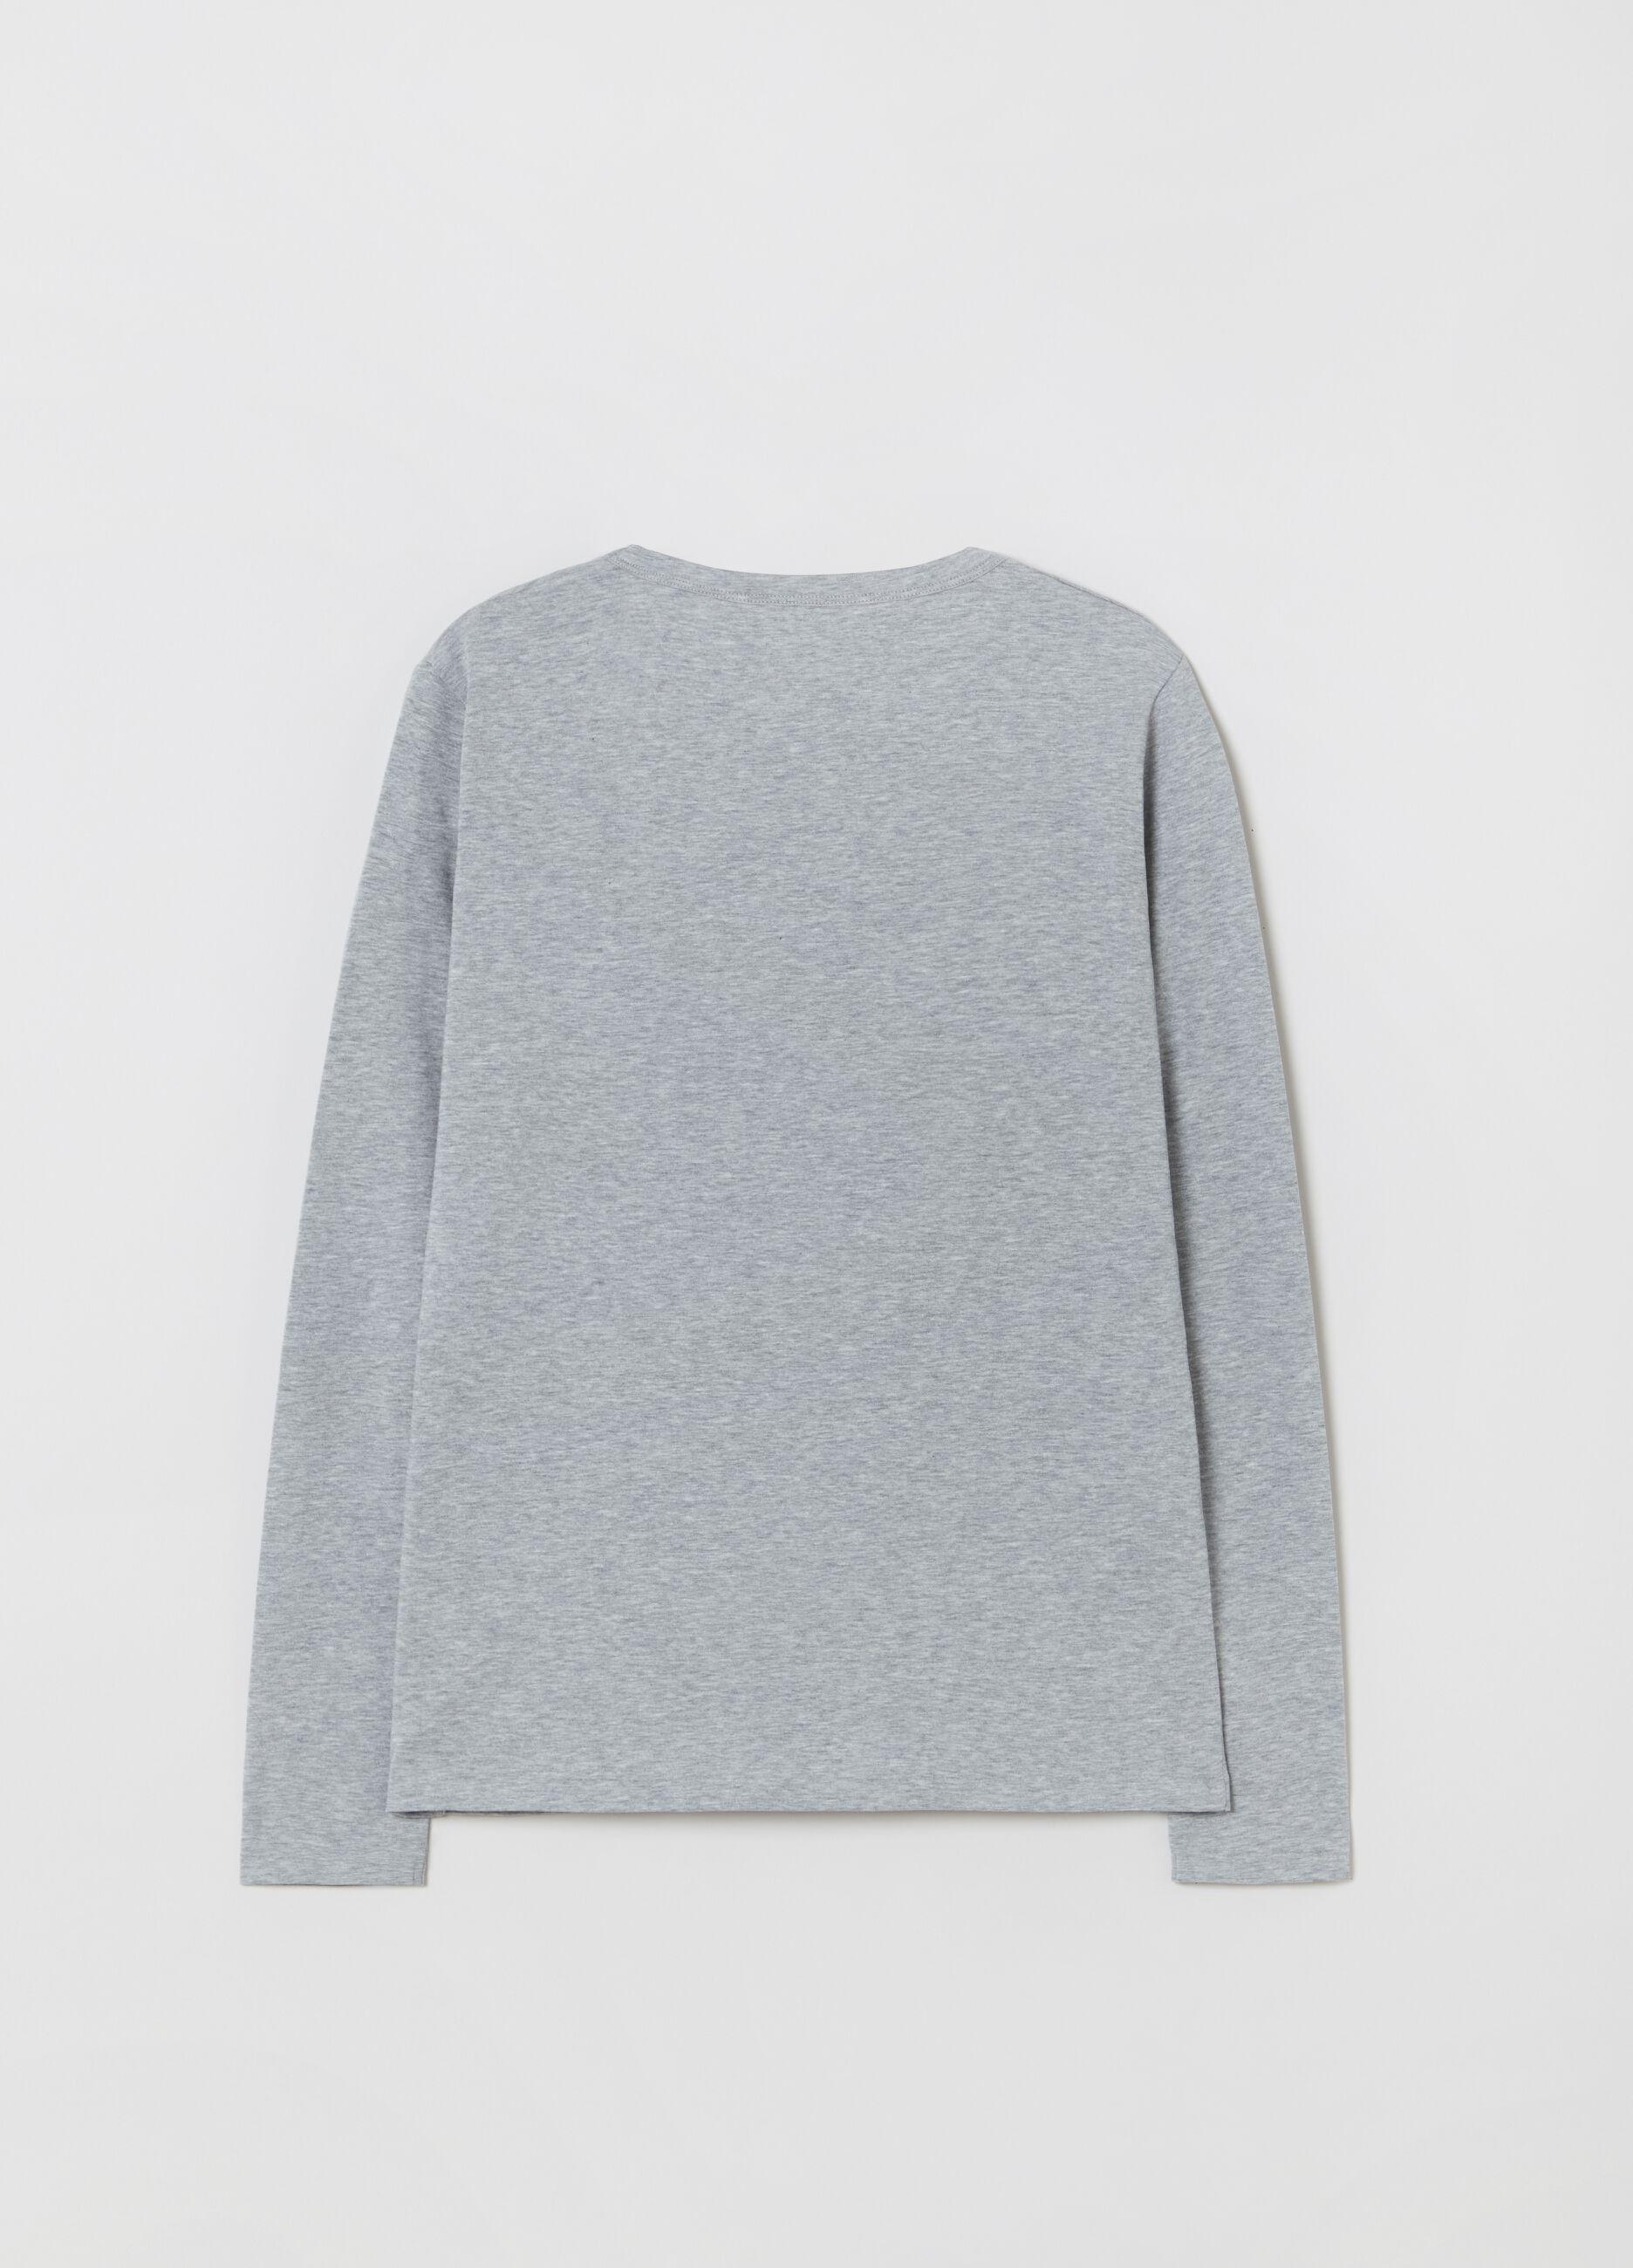 T-shirt in cotone Supima stretch Grigio